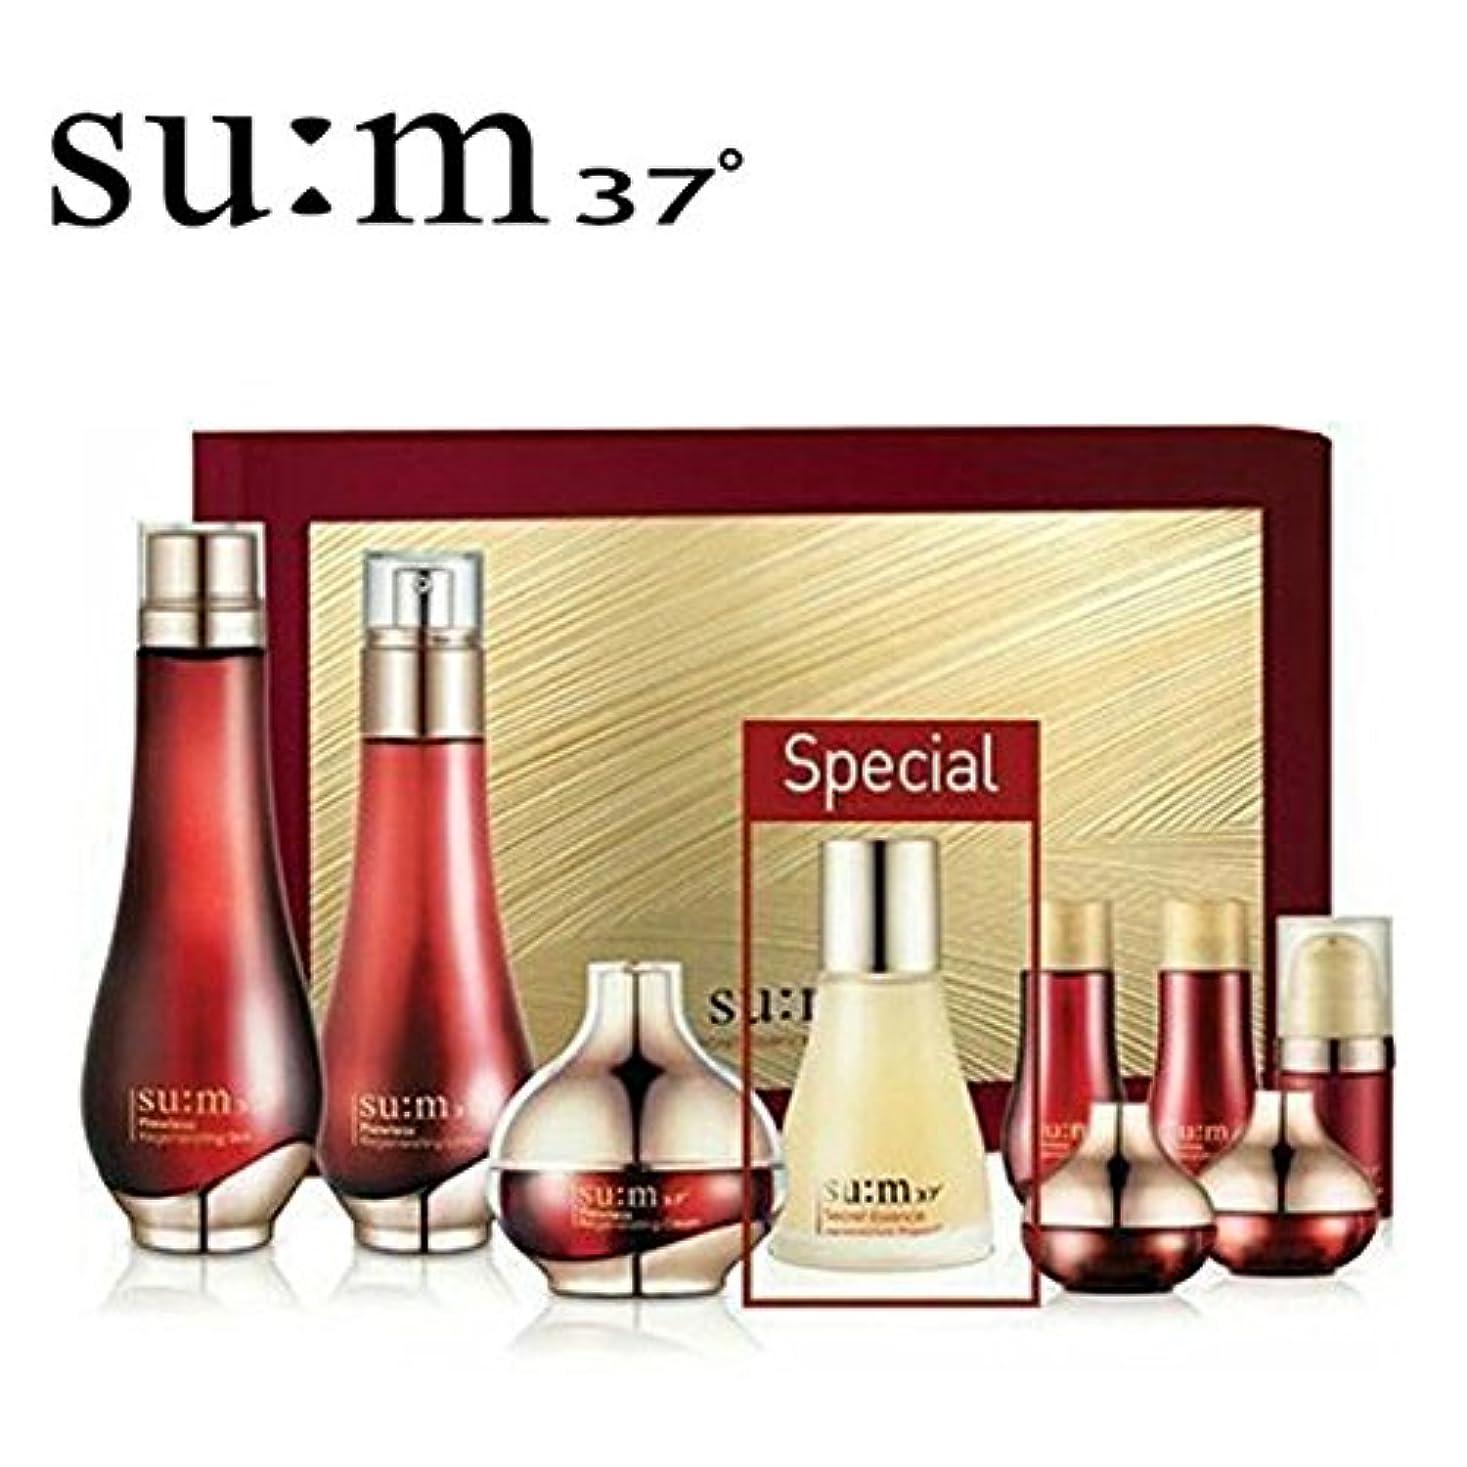 検体相談するブラスト[su:m37/スム37°] SUM37 Flowless Special Set/ sum37 スム37? フローレス 3種 企画セット +[Sample Gift](海外直送品)